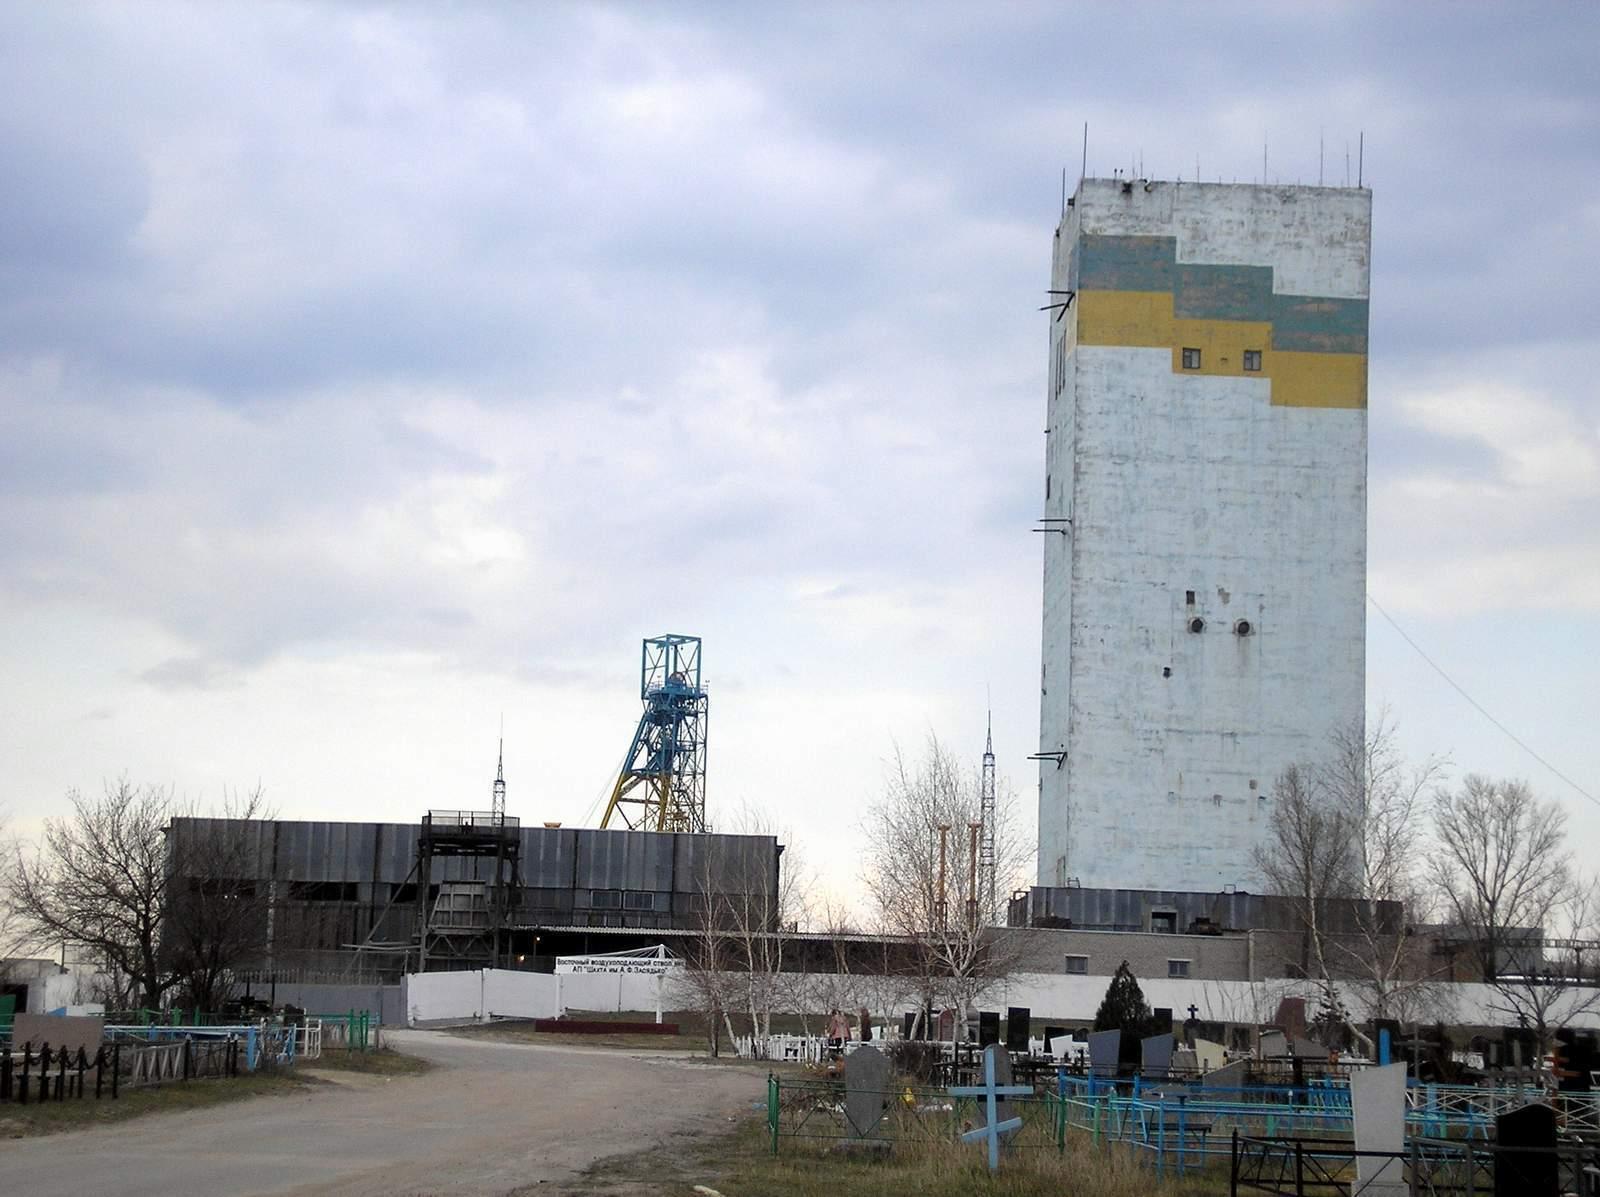 Зараз шахта Засядька перебуває під контролем окупантів Донецька